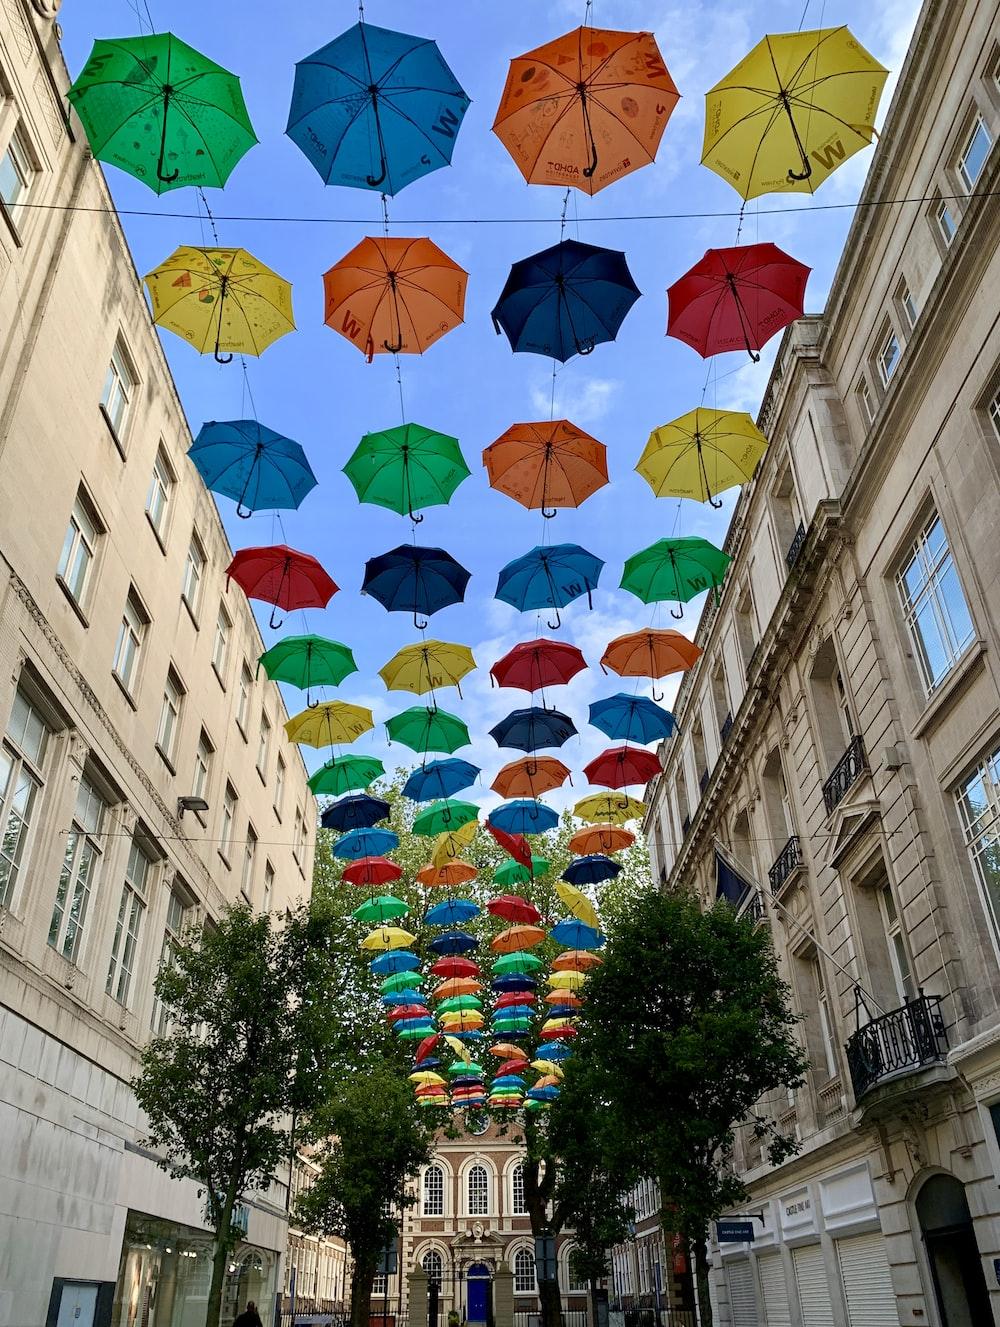 assorted-color umbrellas under blue sky